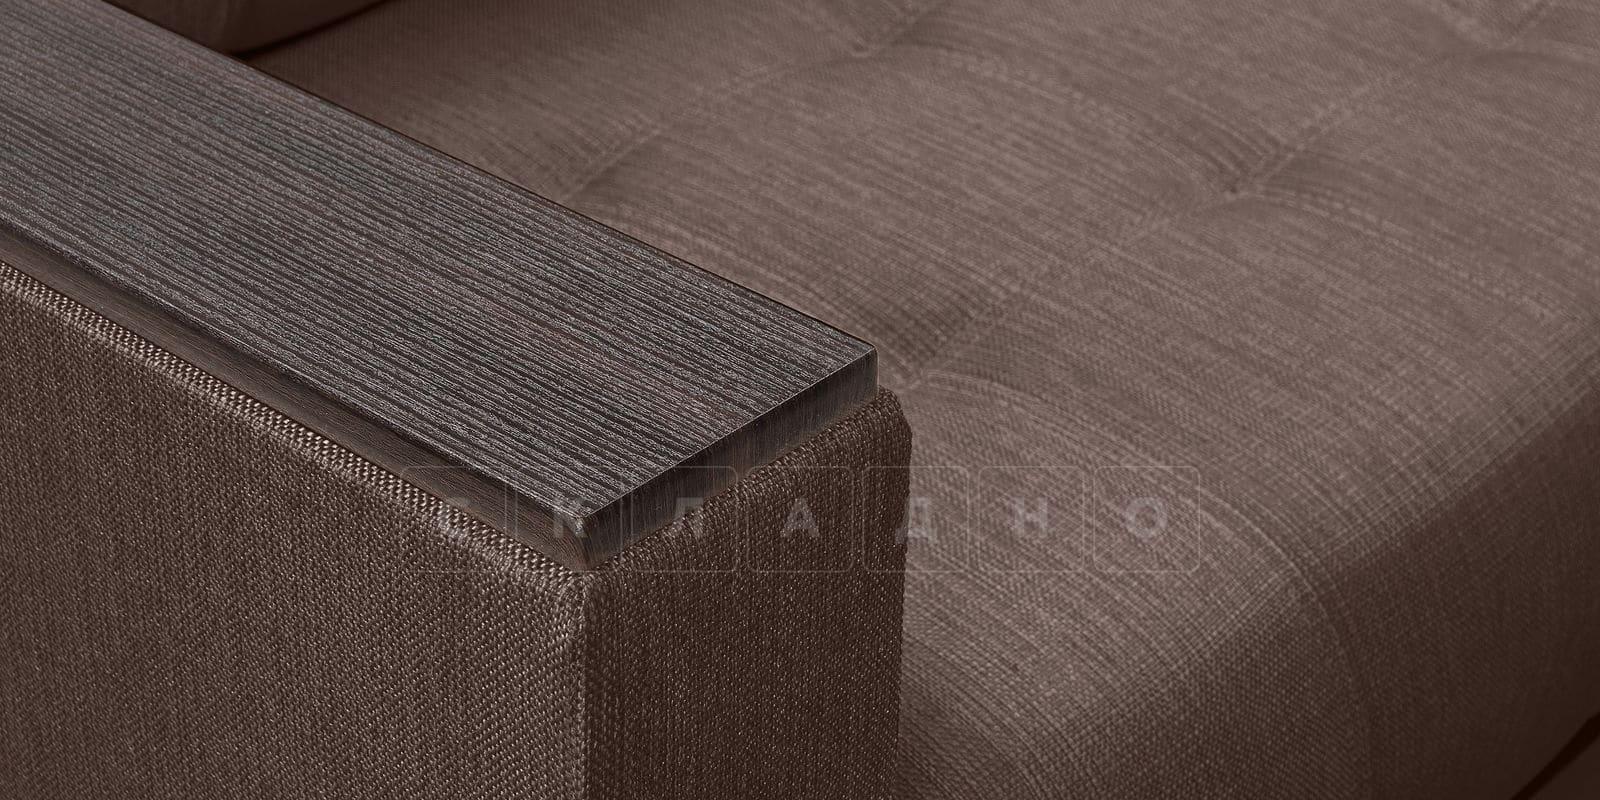 Диван Атланта рогожка коричневого цвета фото 6 | интернет-магазин Складно